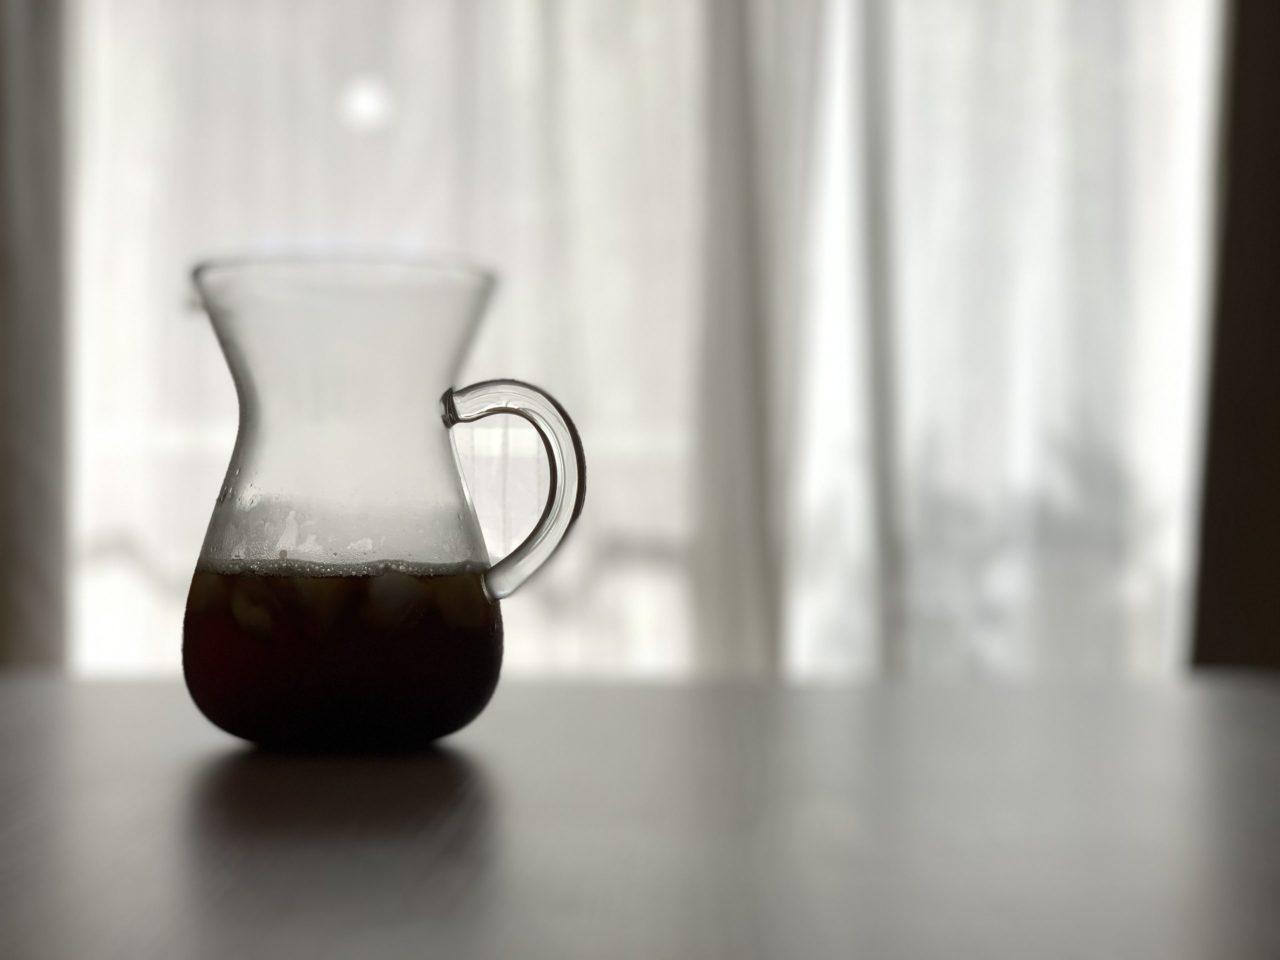 趣味費もコーヒー豆の購入費用として使用